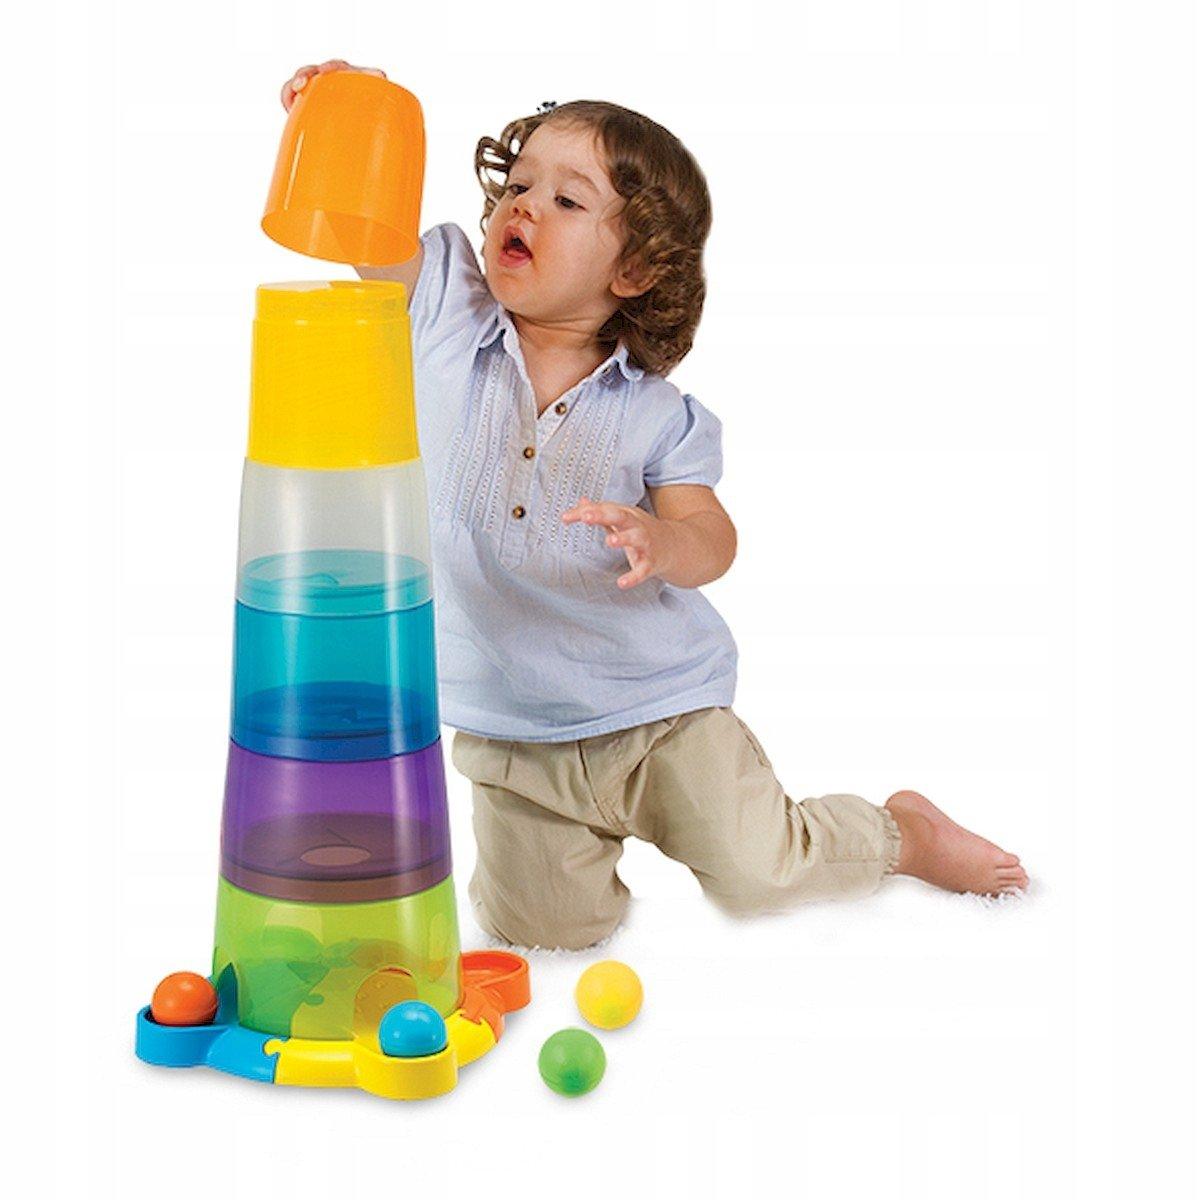 اسباب بازی برج هوش استوانه چرخشی